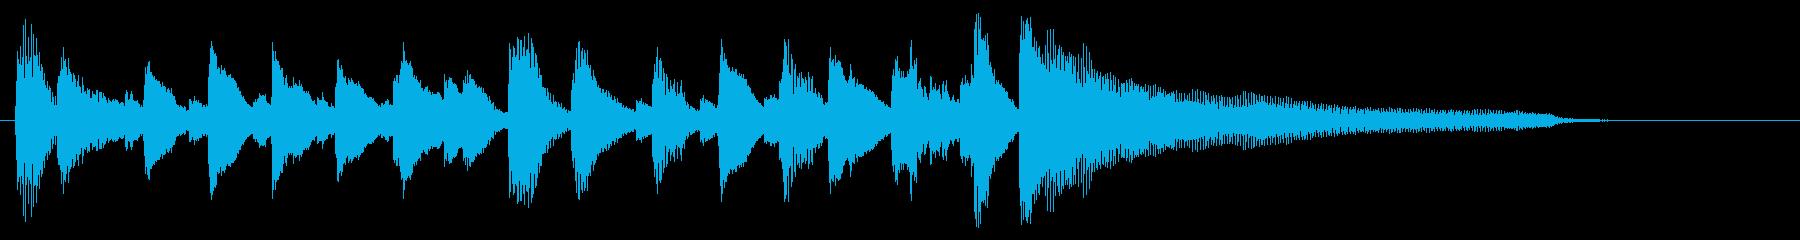 【ピアノのみ】陽気オシャレ!ジャズロゴ!の再生済みの波形